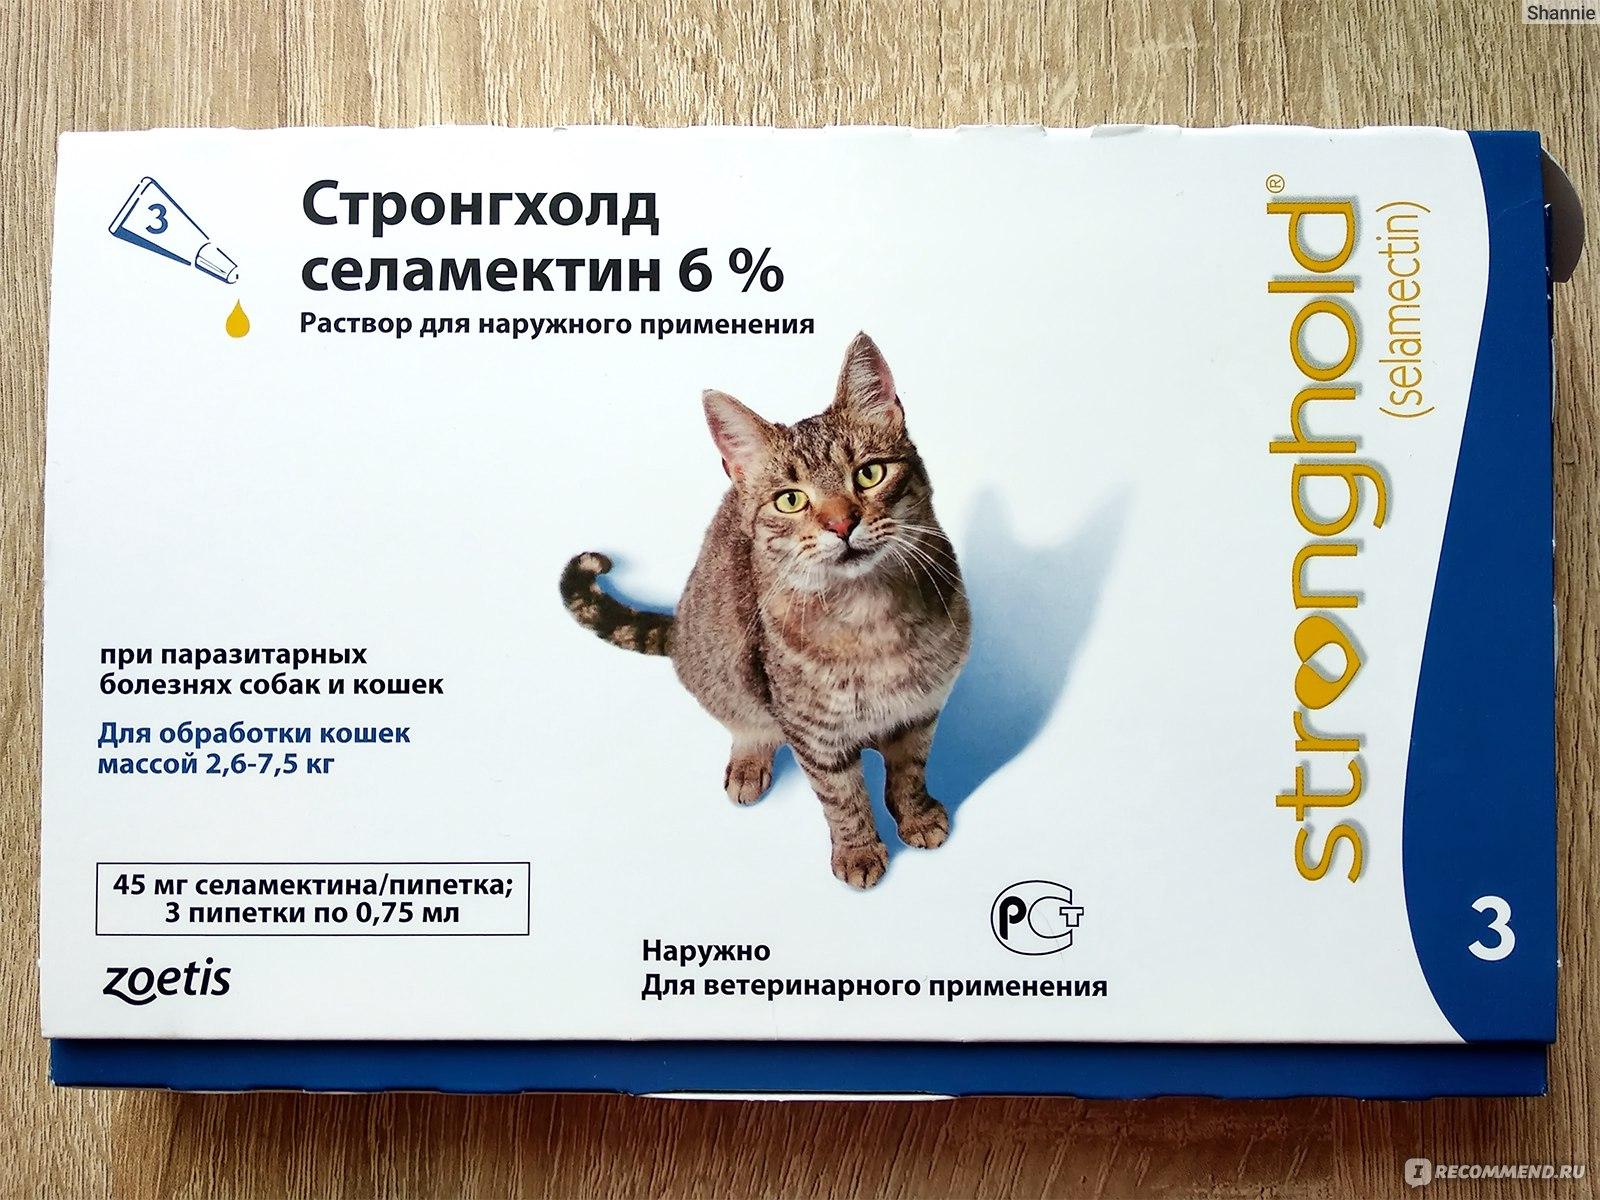 Стронгхолд для собак — препарат для борьбы с внутренними и внешними паразитами